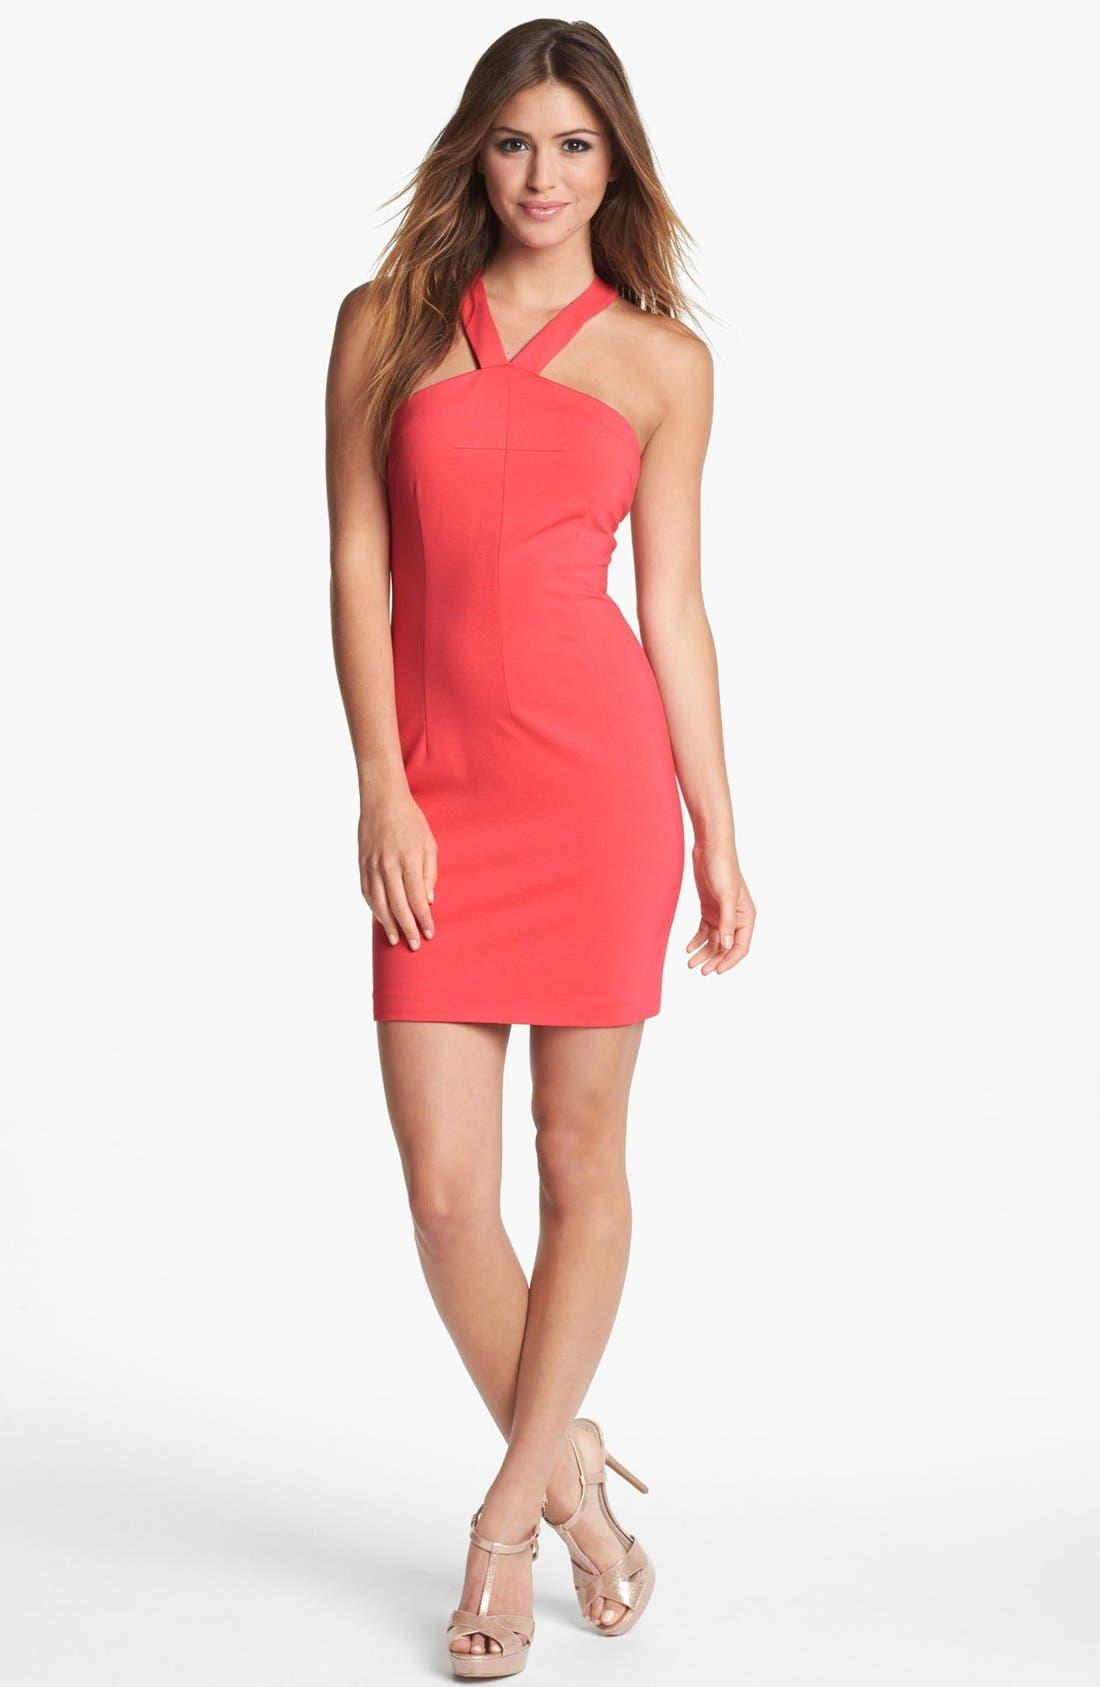 Alternate Image 1 Selected - ERIN erin fetherston Ponte Knit Halter Dress